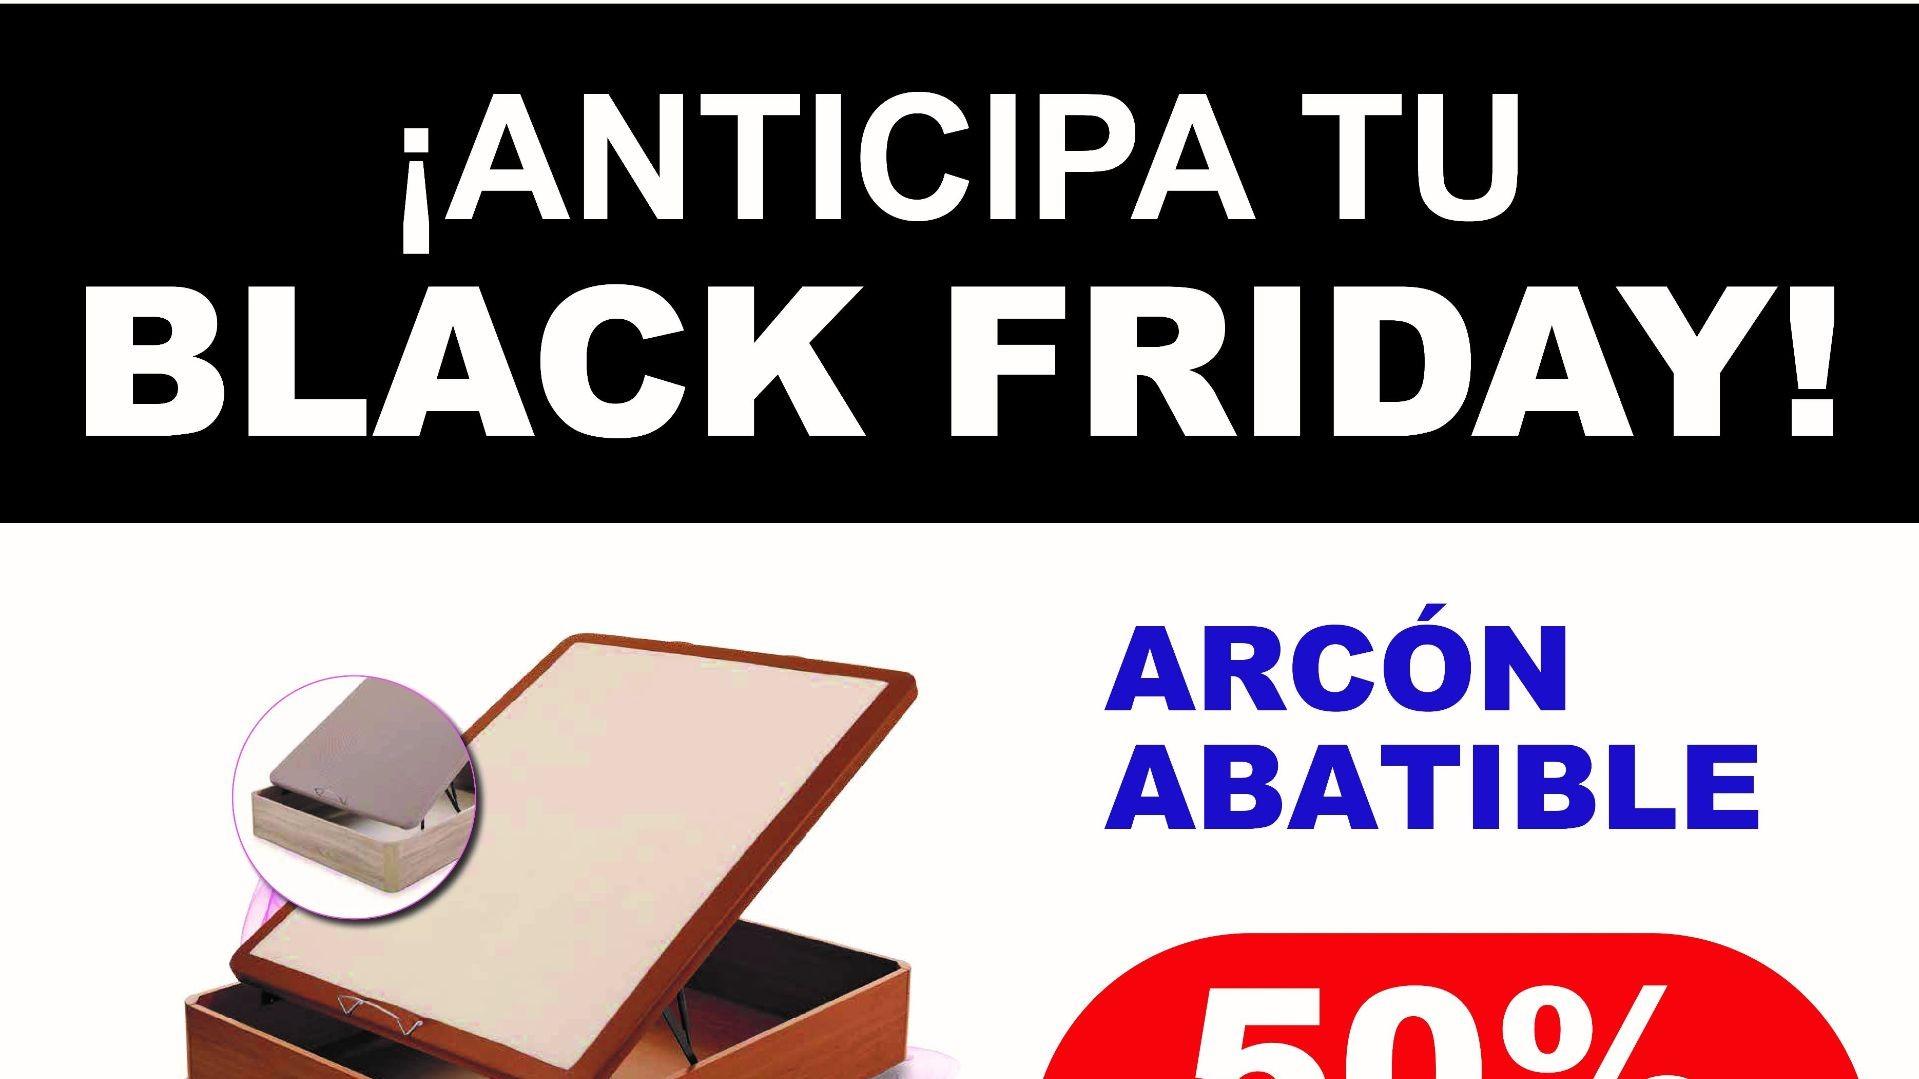 ANTICIPA BLACK FRIDAY BILBAO 19